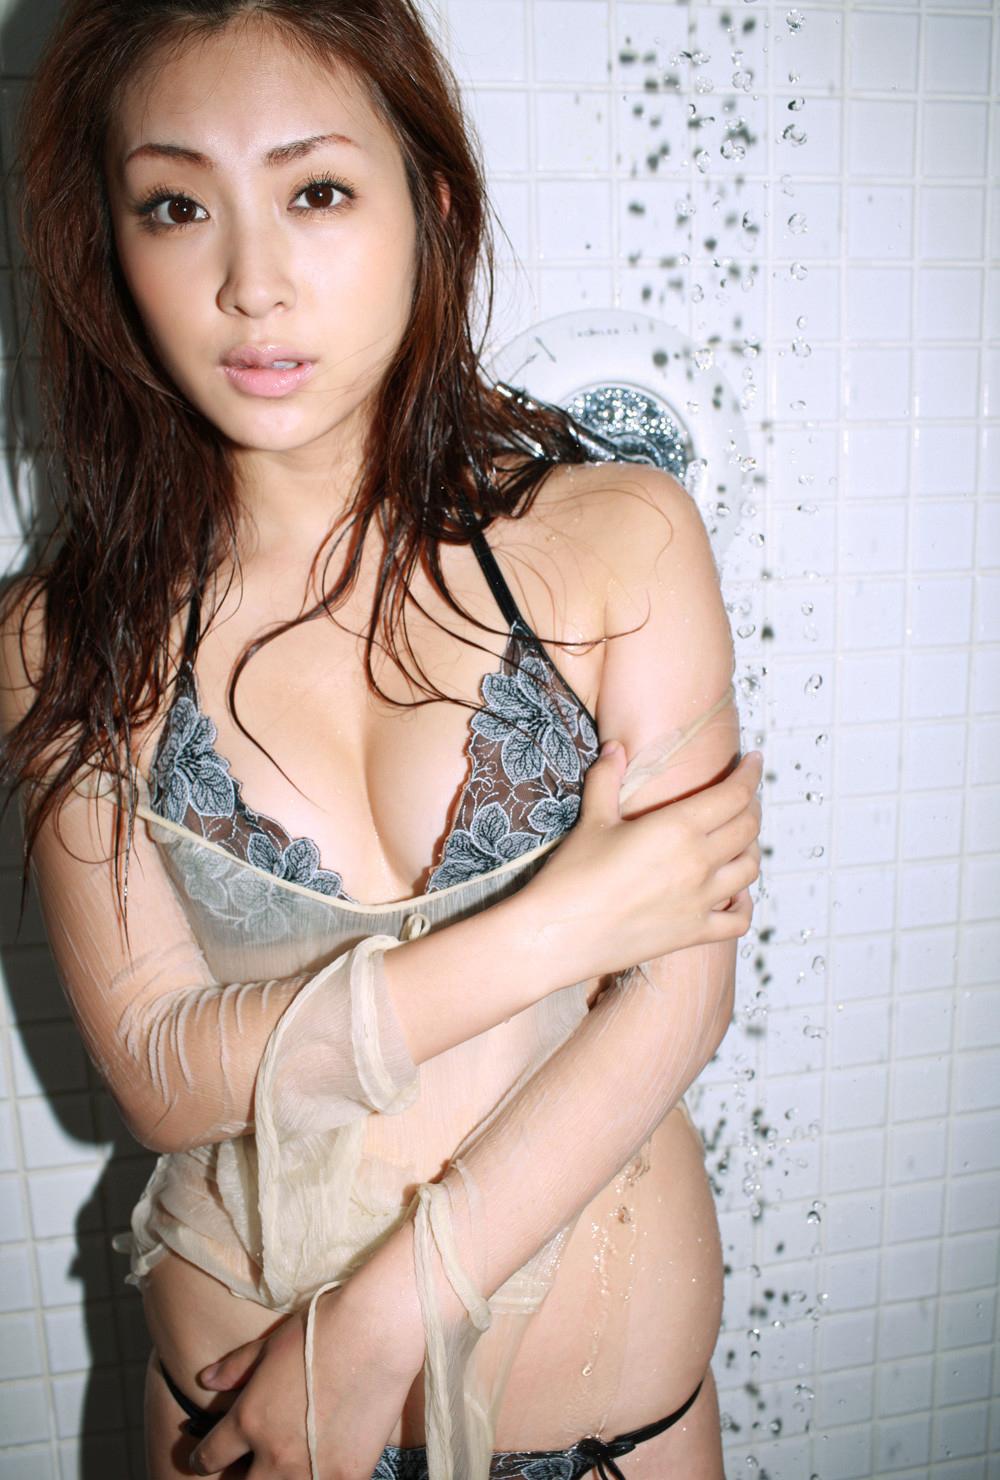 辰巳奈都子 画像 56